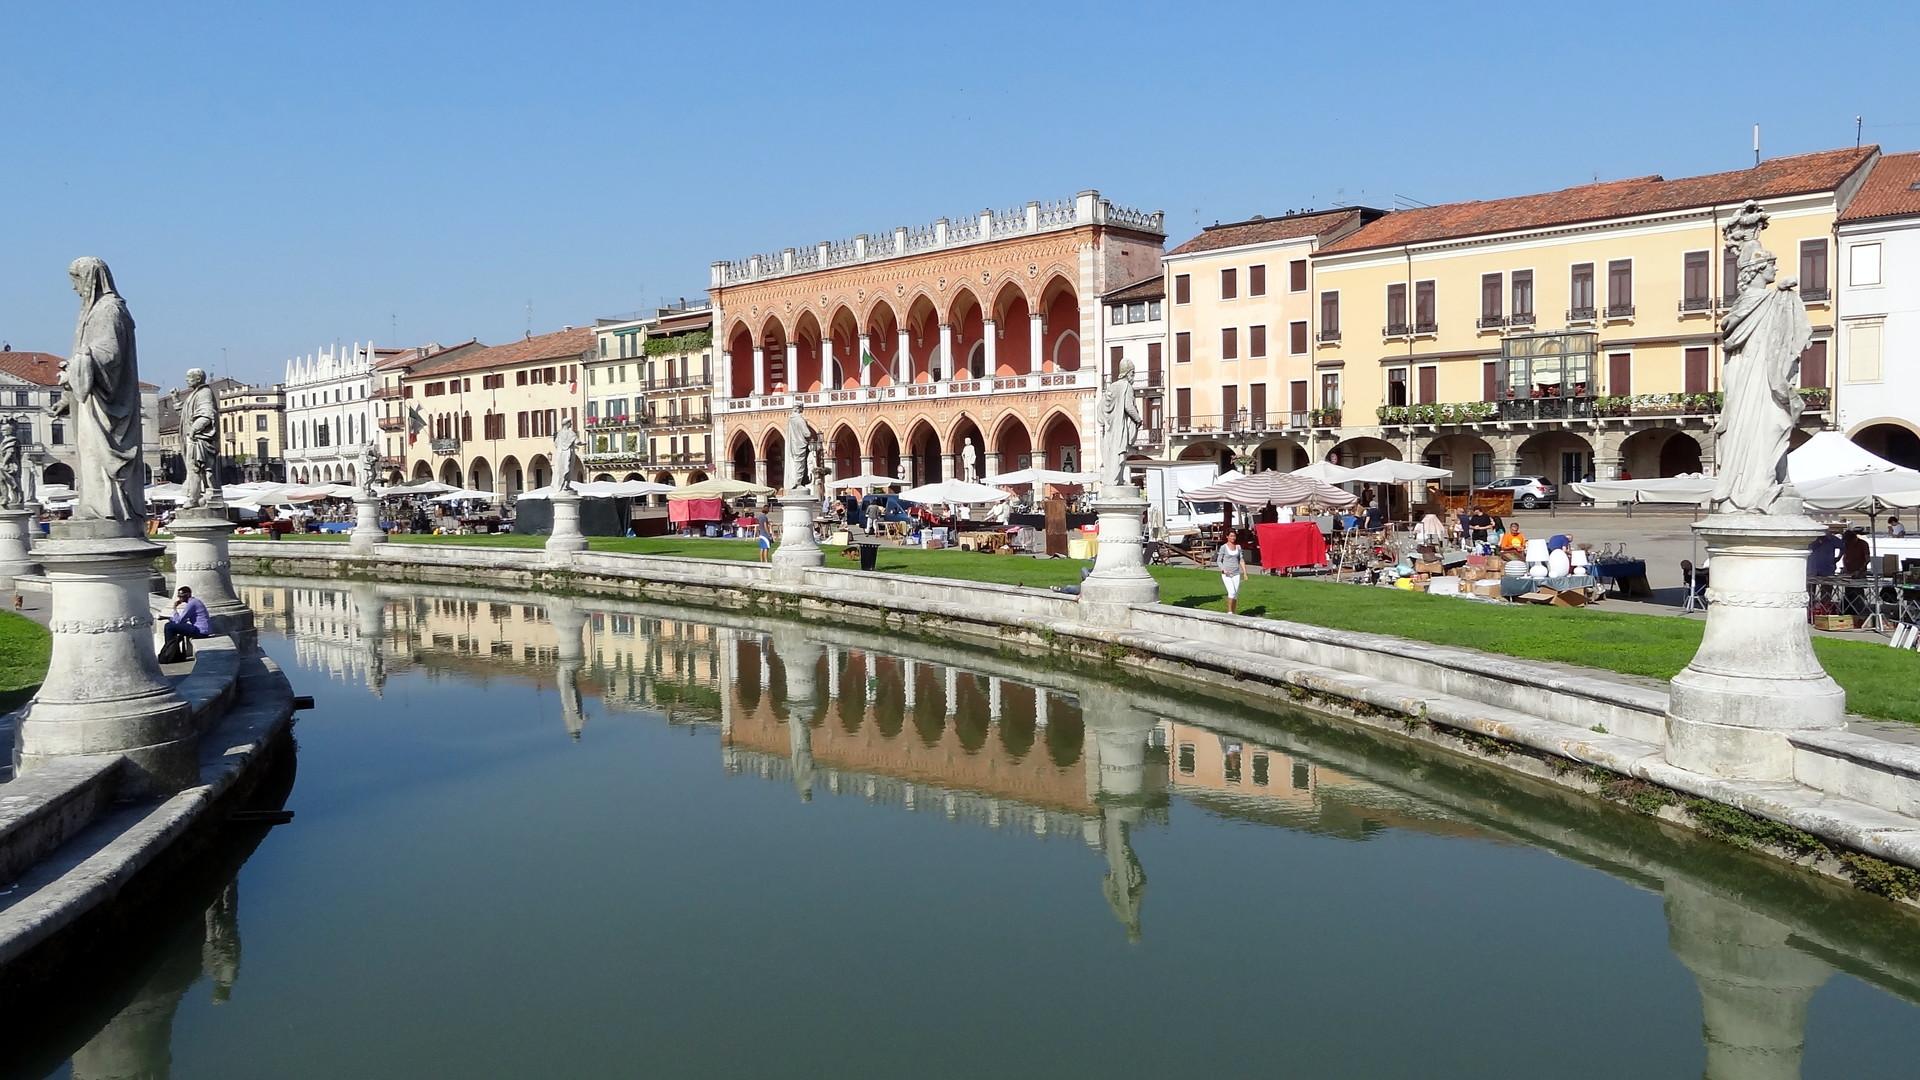 Esperienza all'Università di Padova, Italia di Adriano